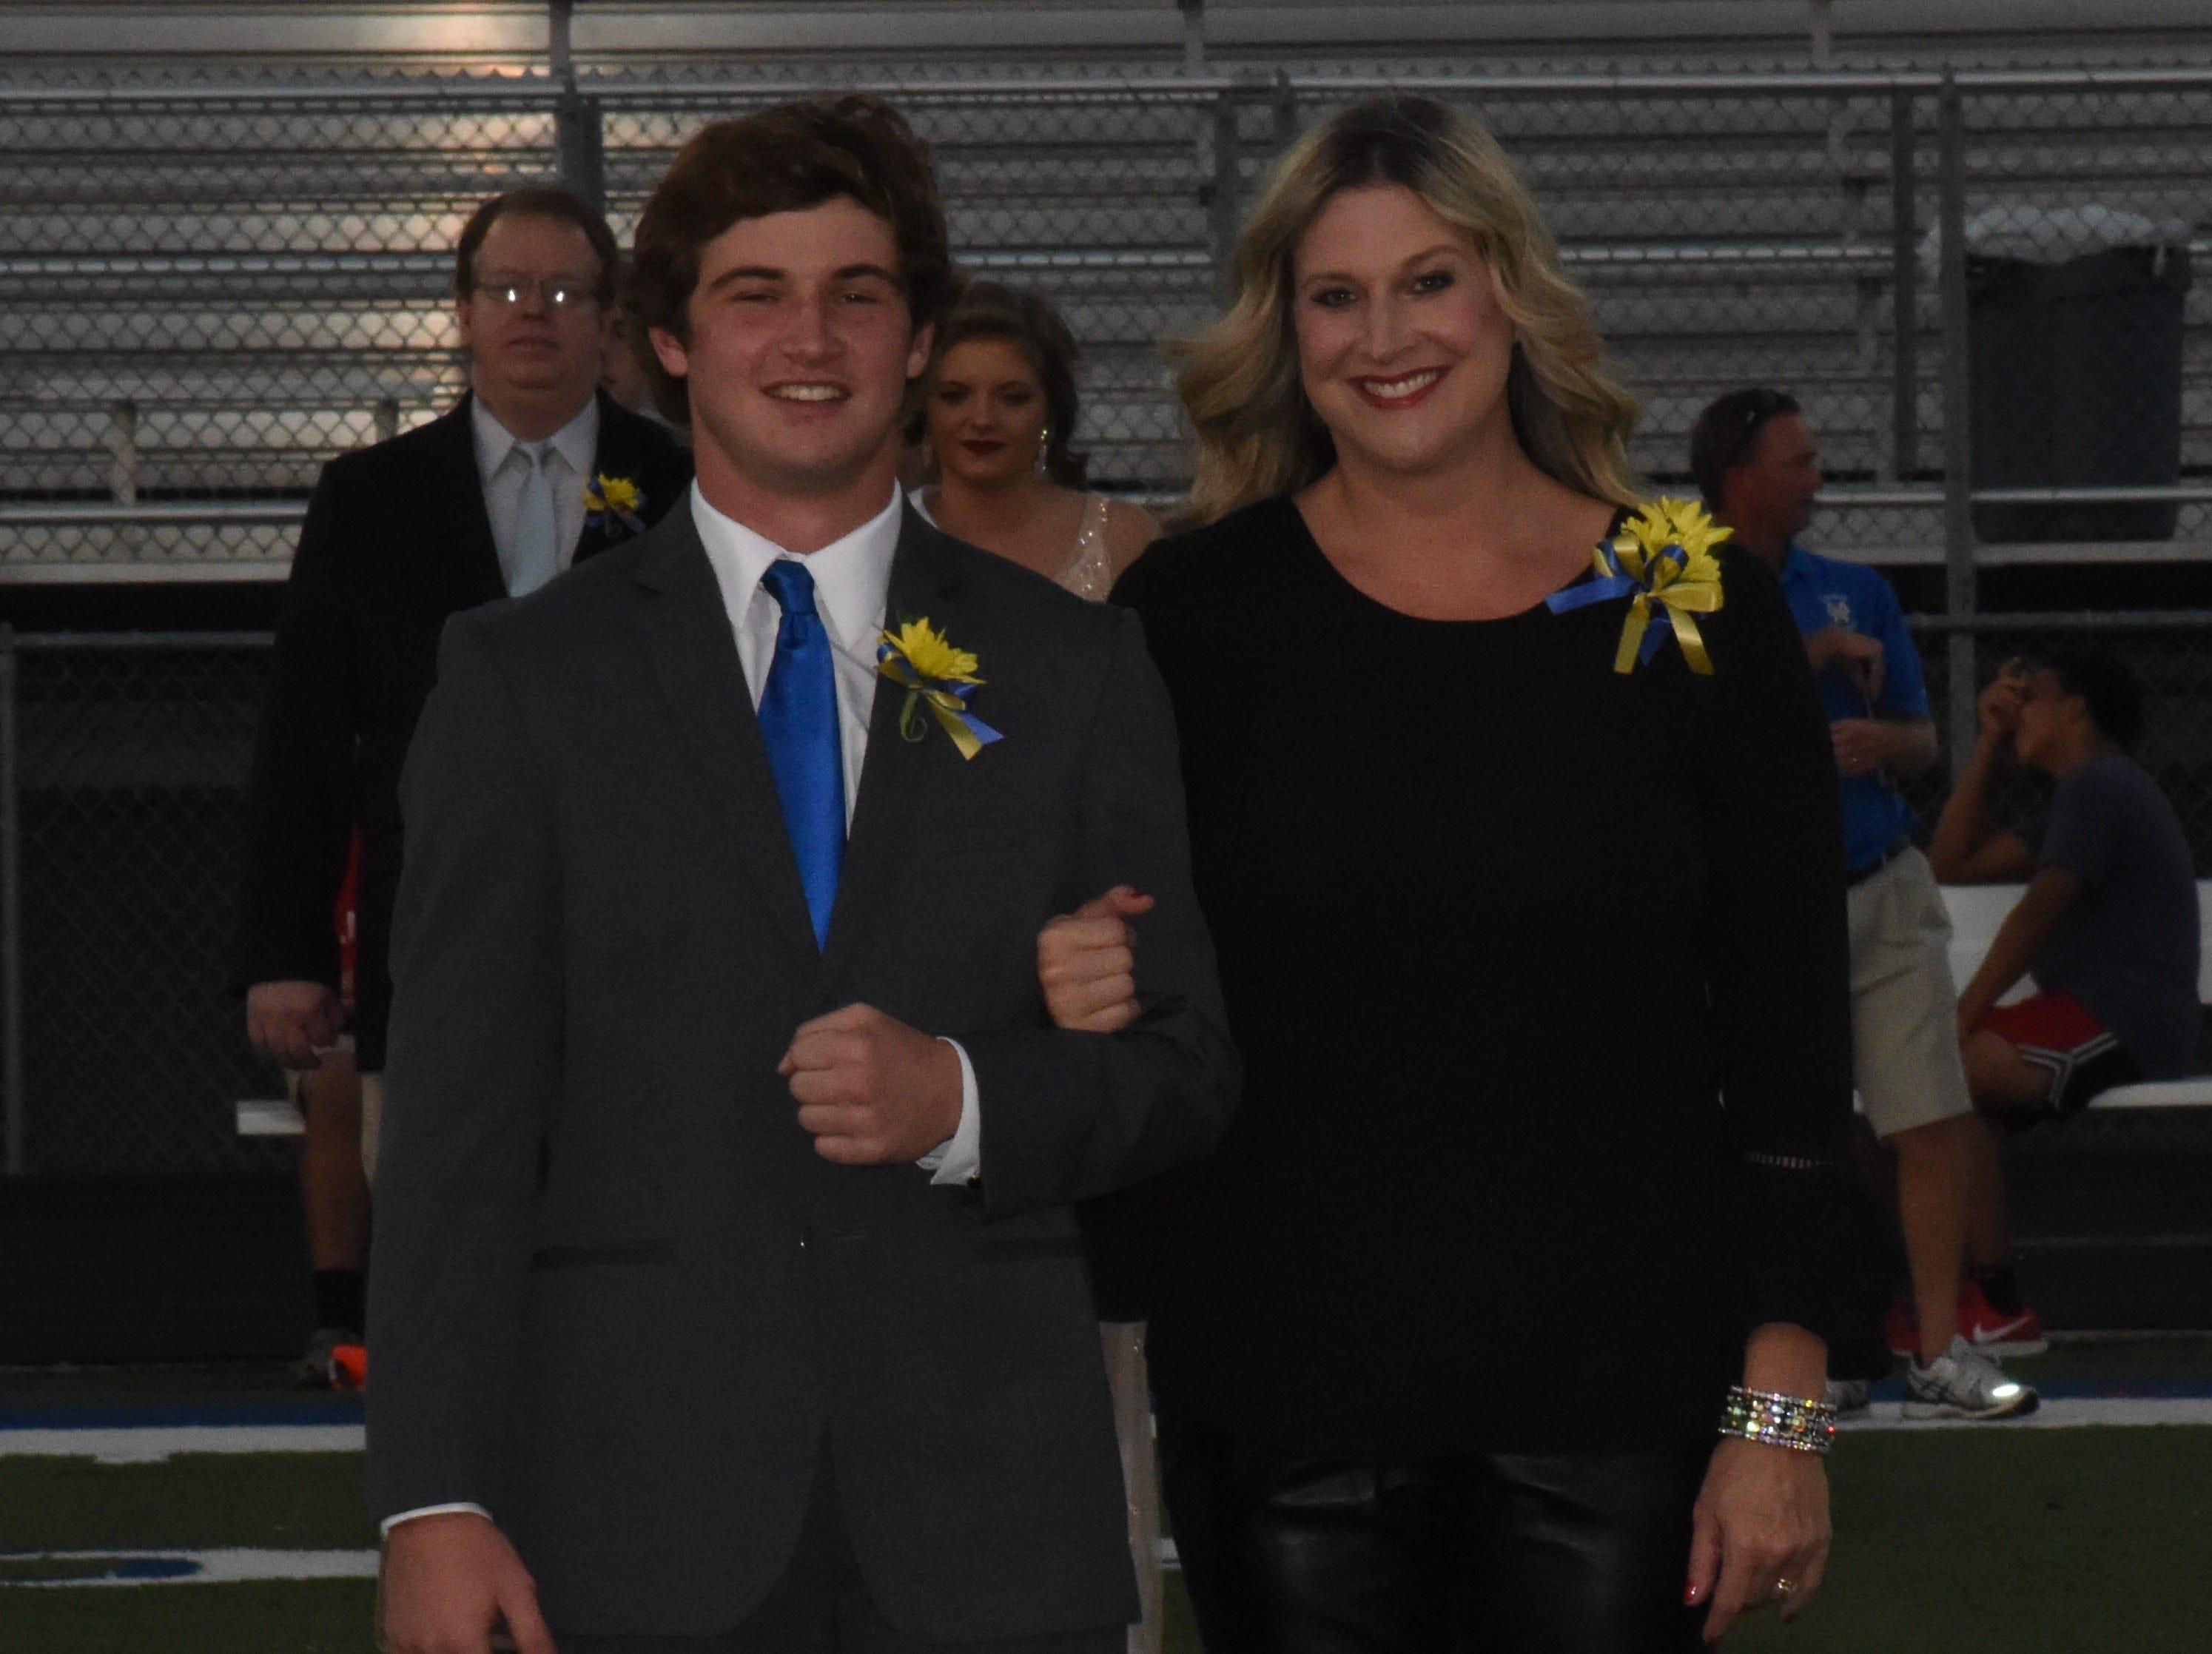 Senior knight Luke Jackson and his mother, LeeAnne Jackson.